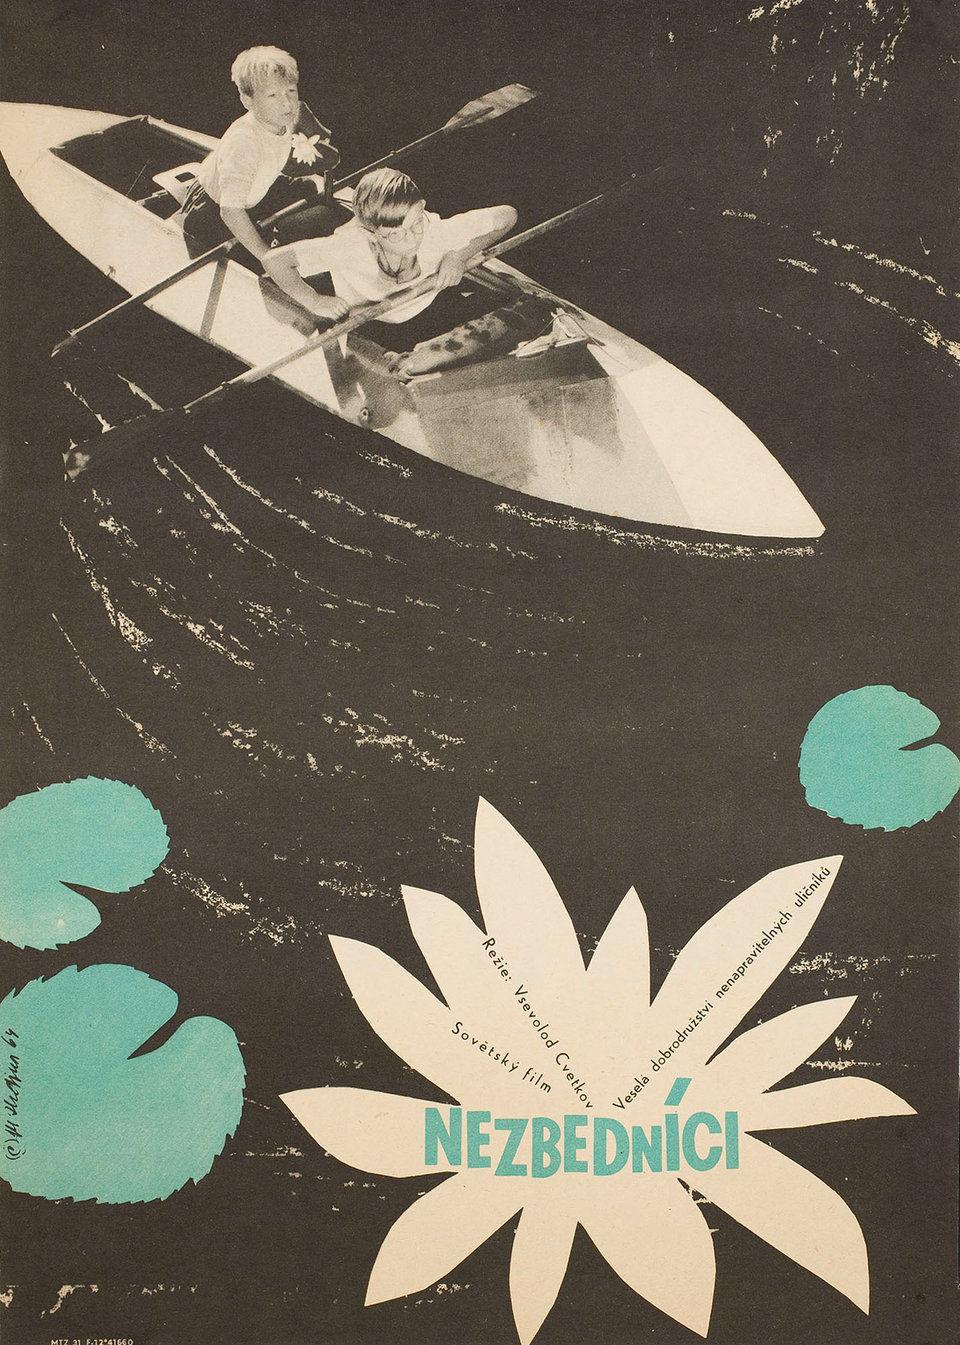 trudnyye-deti-1964-original-czechmovie-poster